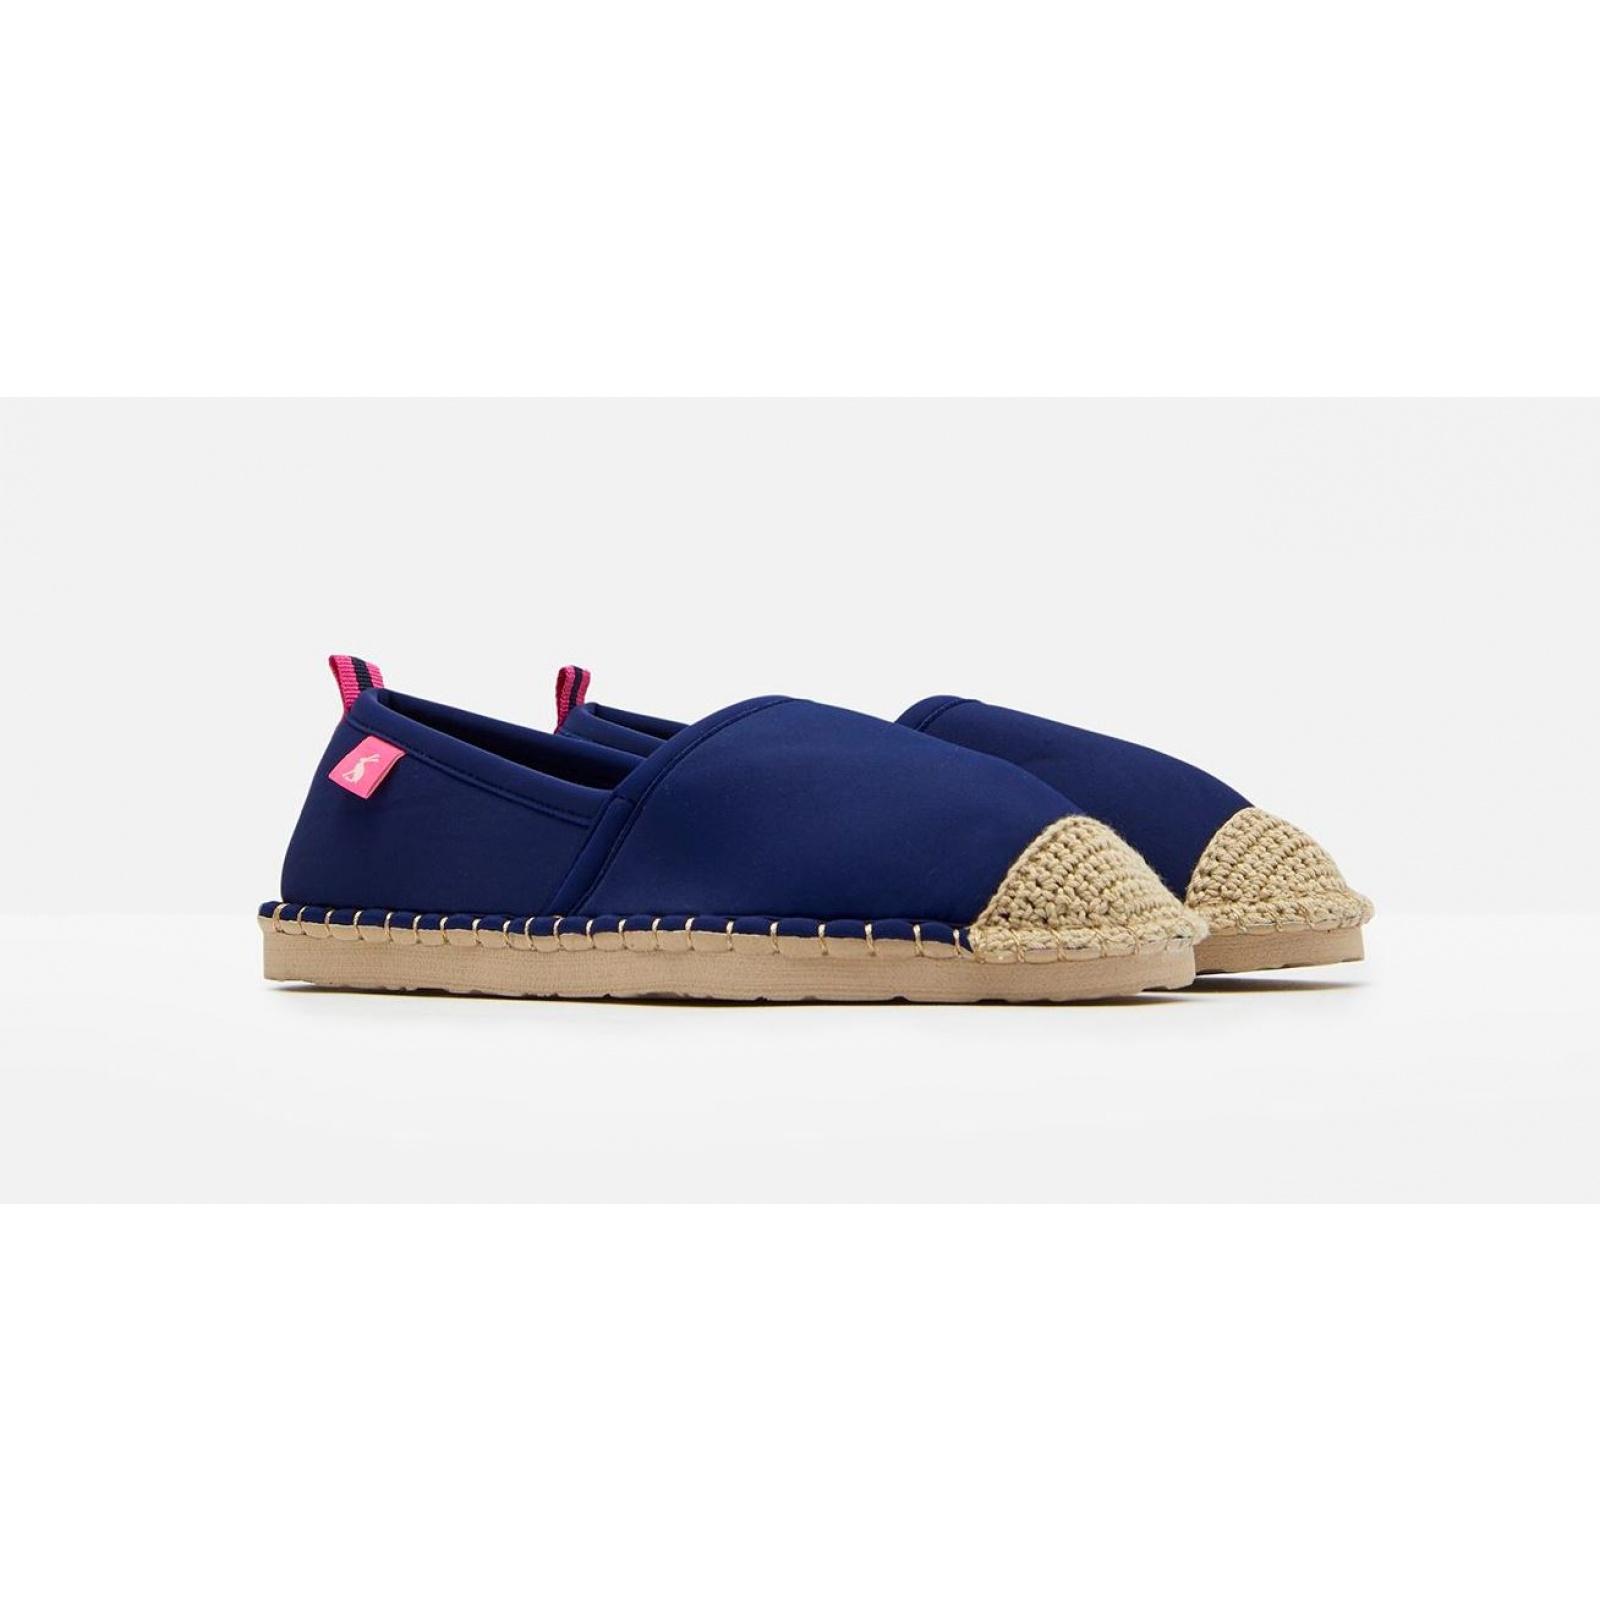 Joules-Ocean-Flipadrille-Lightweight-Summer-Shoe-SS19 miniature 13